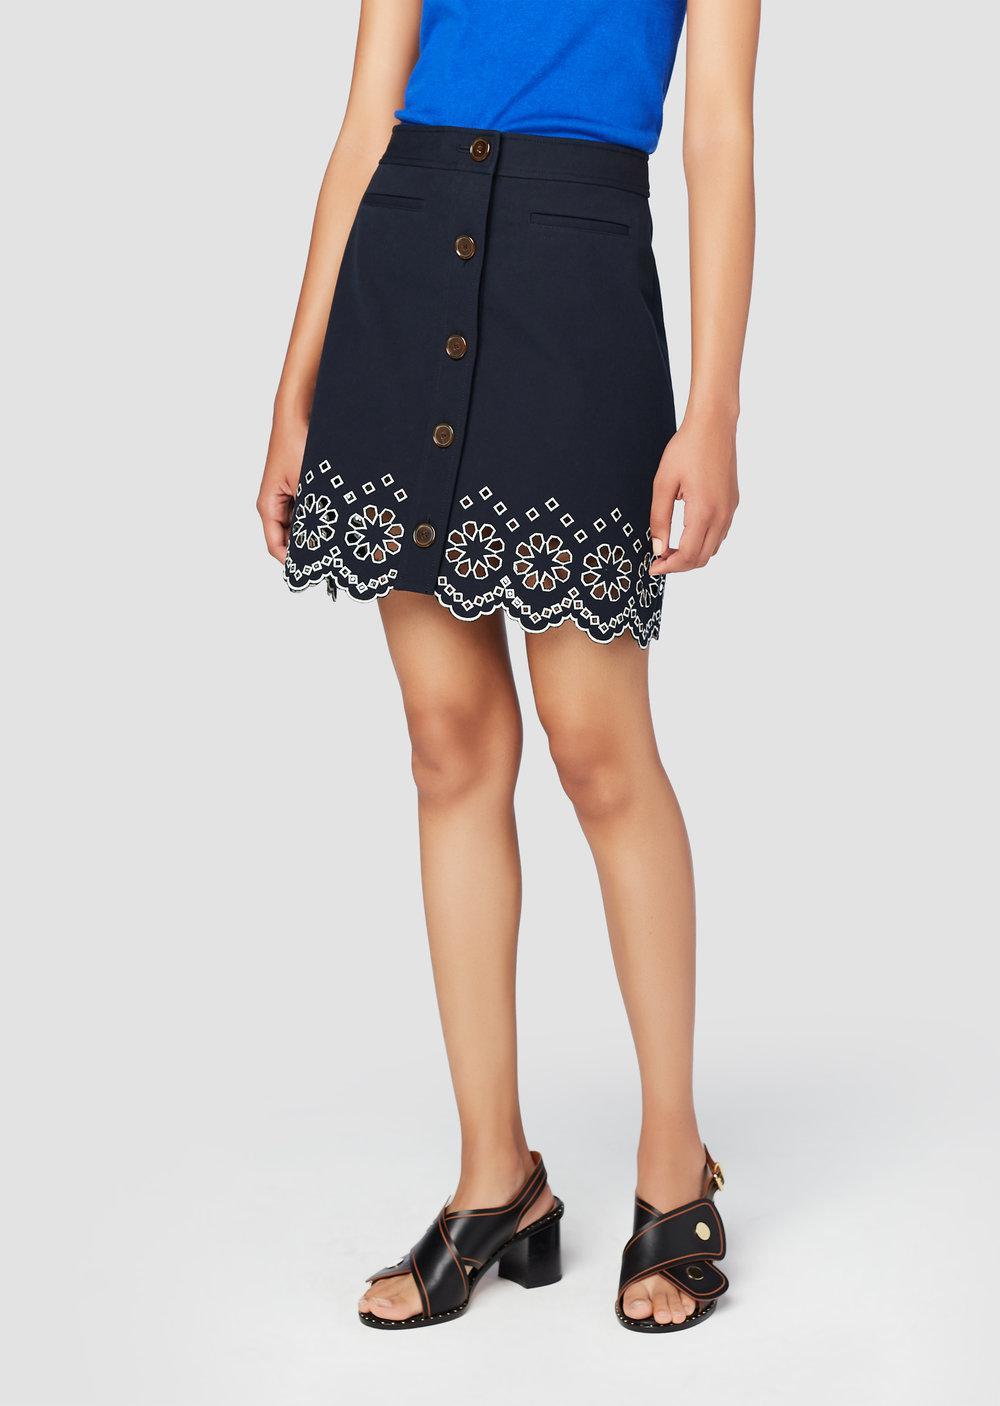 Cheap Sale Visit A-Line Mini Skirt - Blue Derek Lam Cheap Sale Real Ebay Sale Online Cheap Sale 2018 New owE0de4p